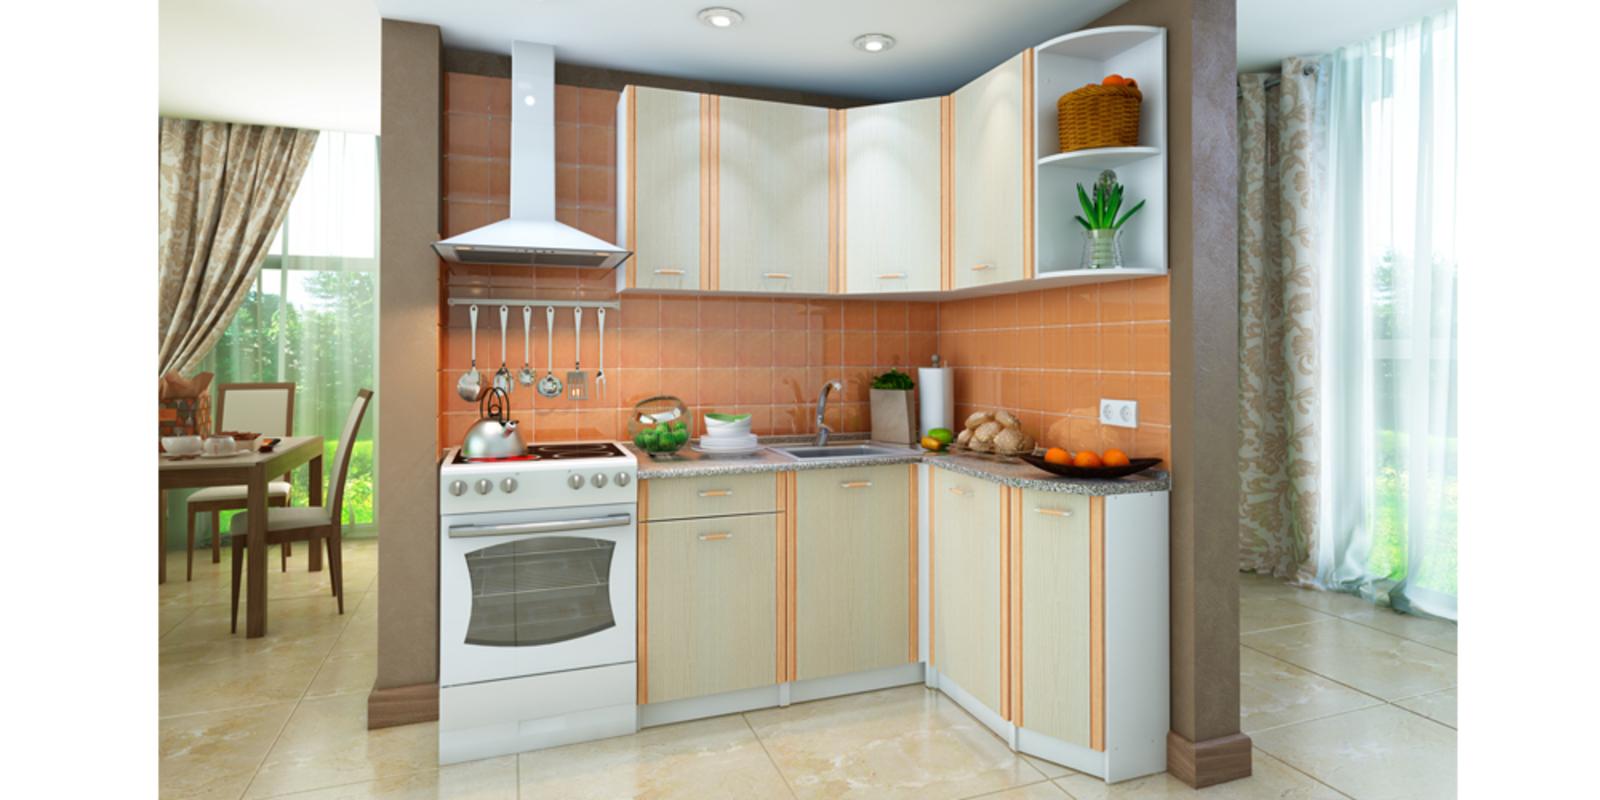 Кухонный гарнитур Лагуна правый угол (белый/дуб кремона)